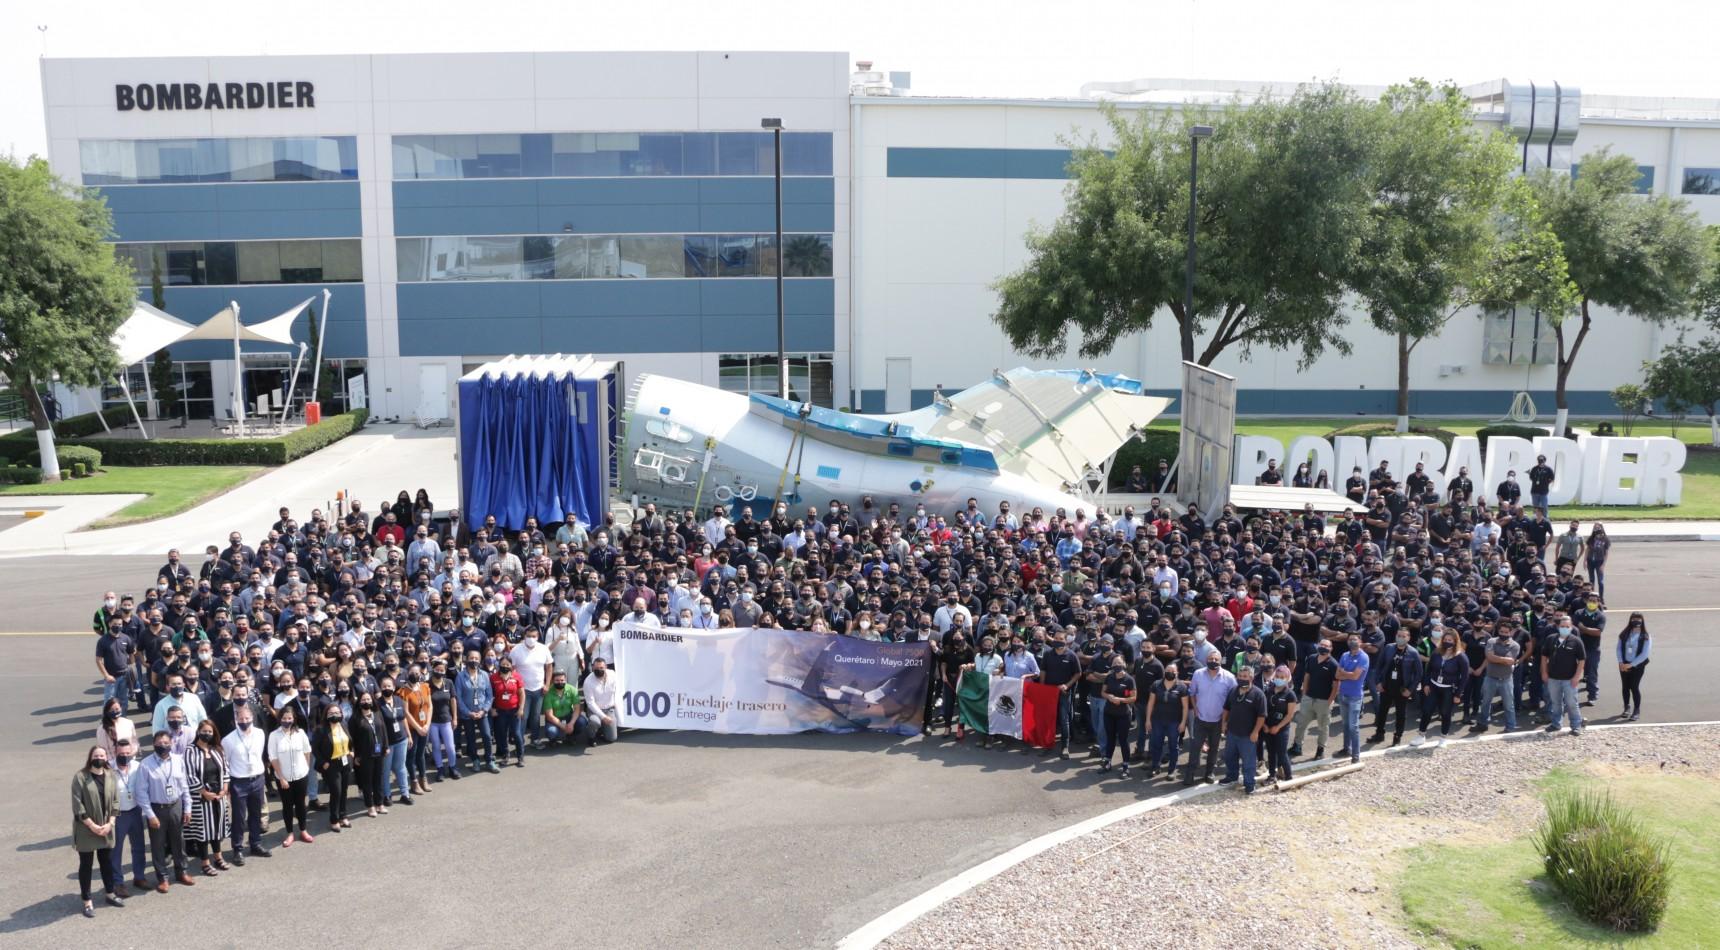 15e anniversaire de Bombardier Querétaro et 100e fuselage arrière d'avion Global 7500